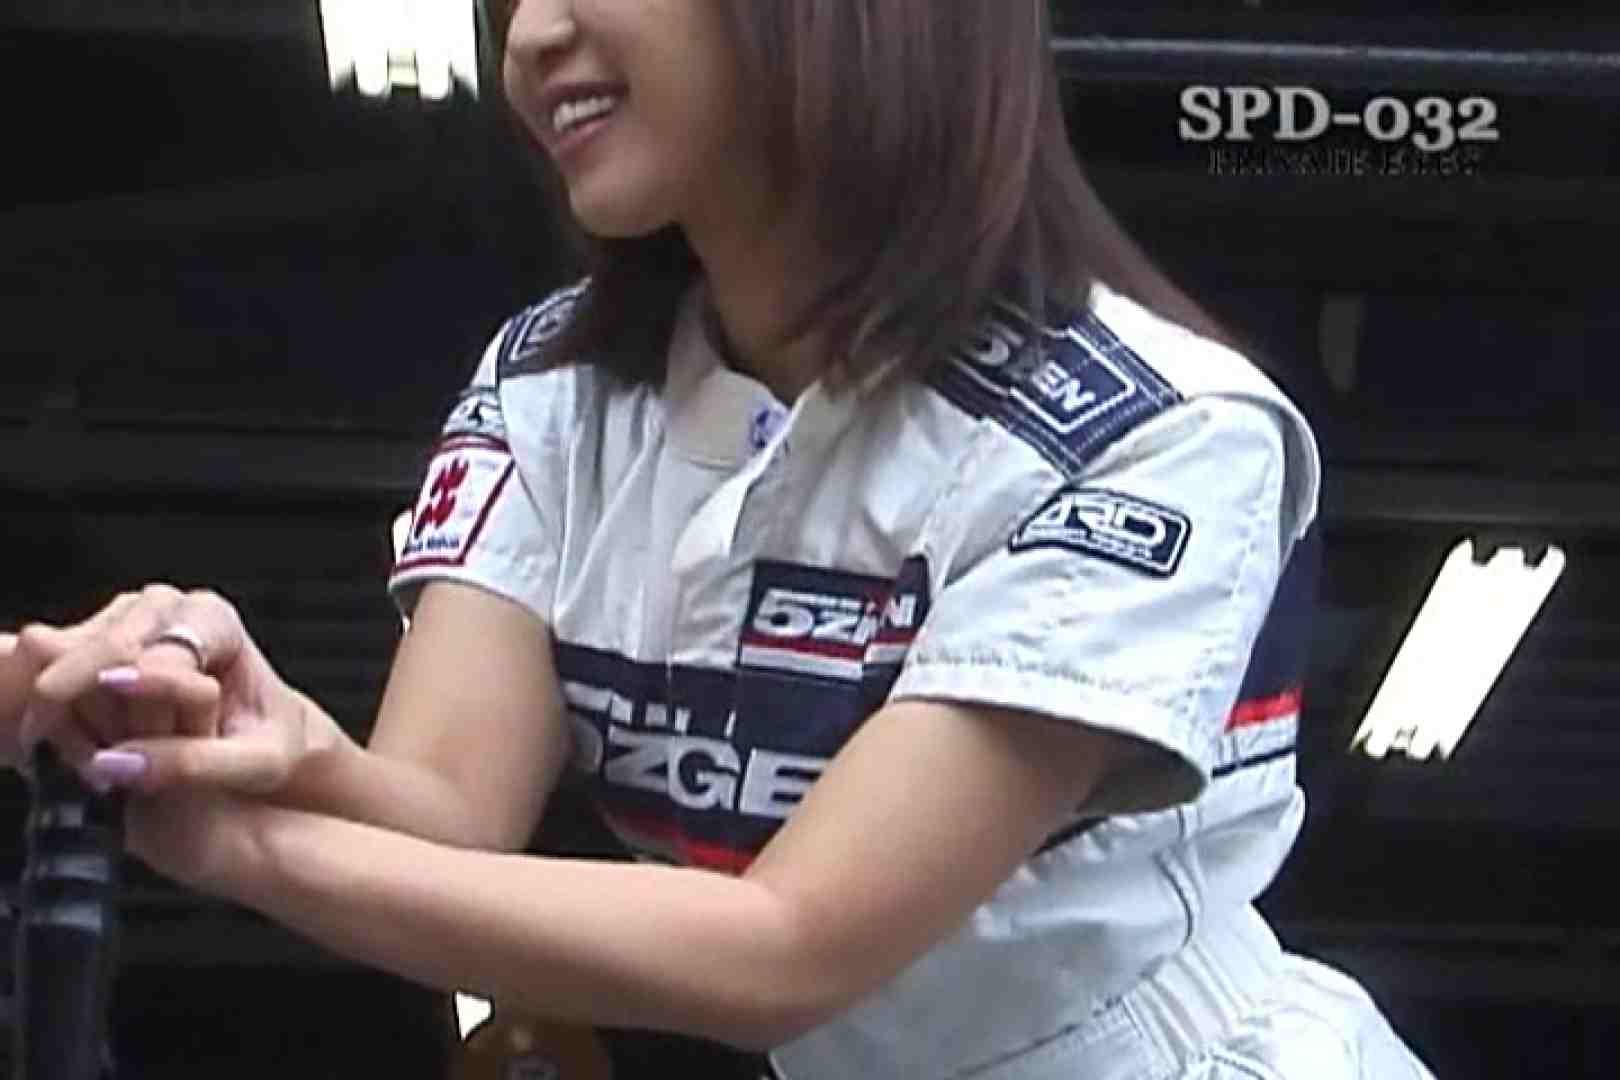 高画質版!SPD-032 サーキットの女神達 00'日本第2戦 MOTEGI 高画質   プライベート  97pic 33